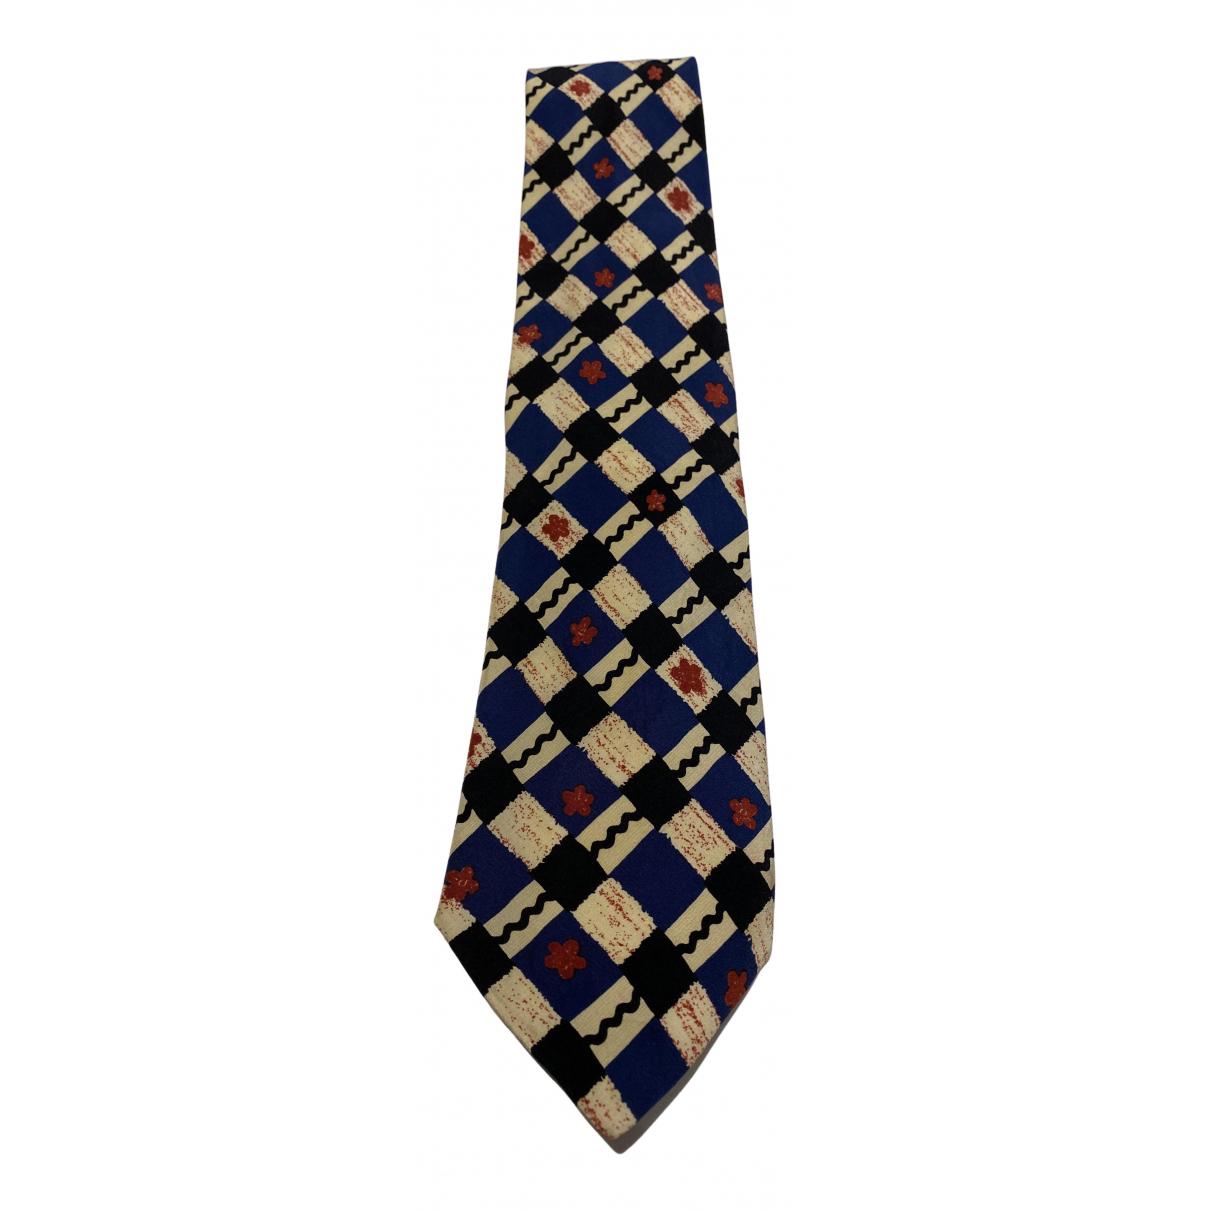 Yves Saint Laurent - Cravates   pour homme en soie - marine